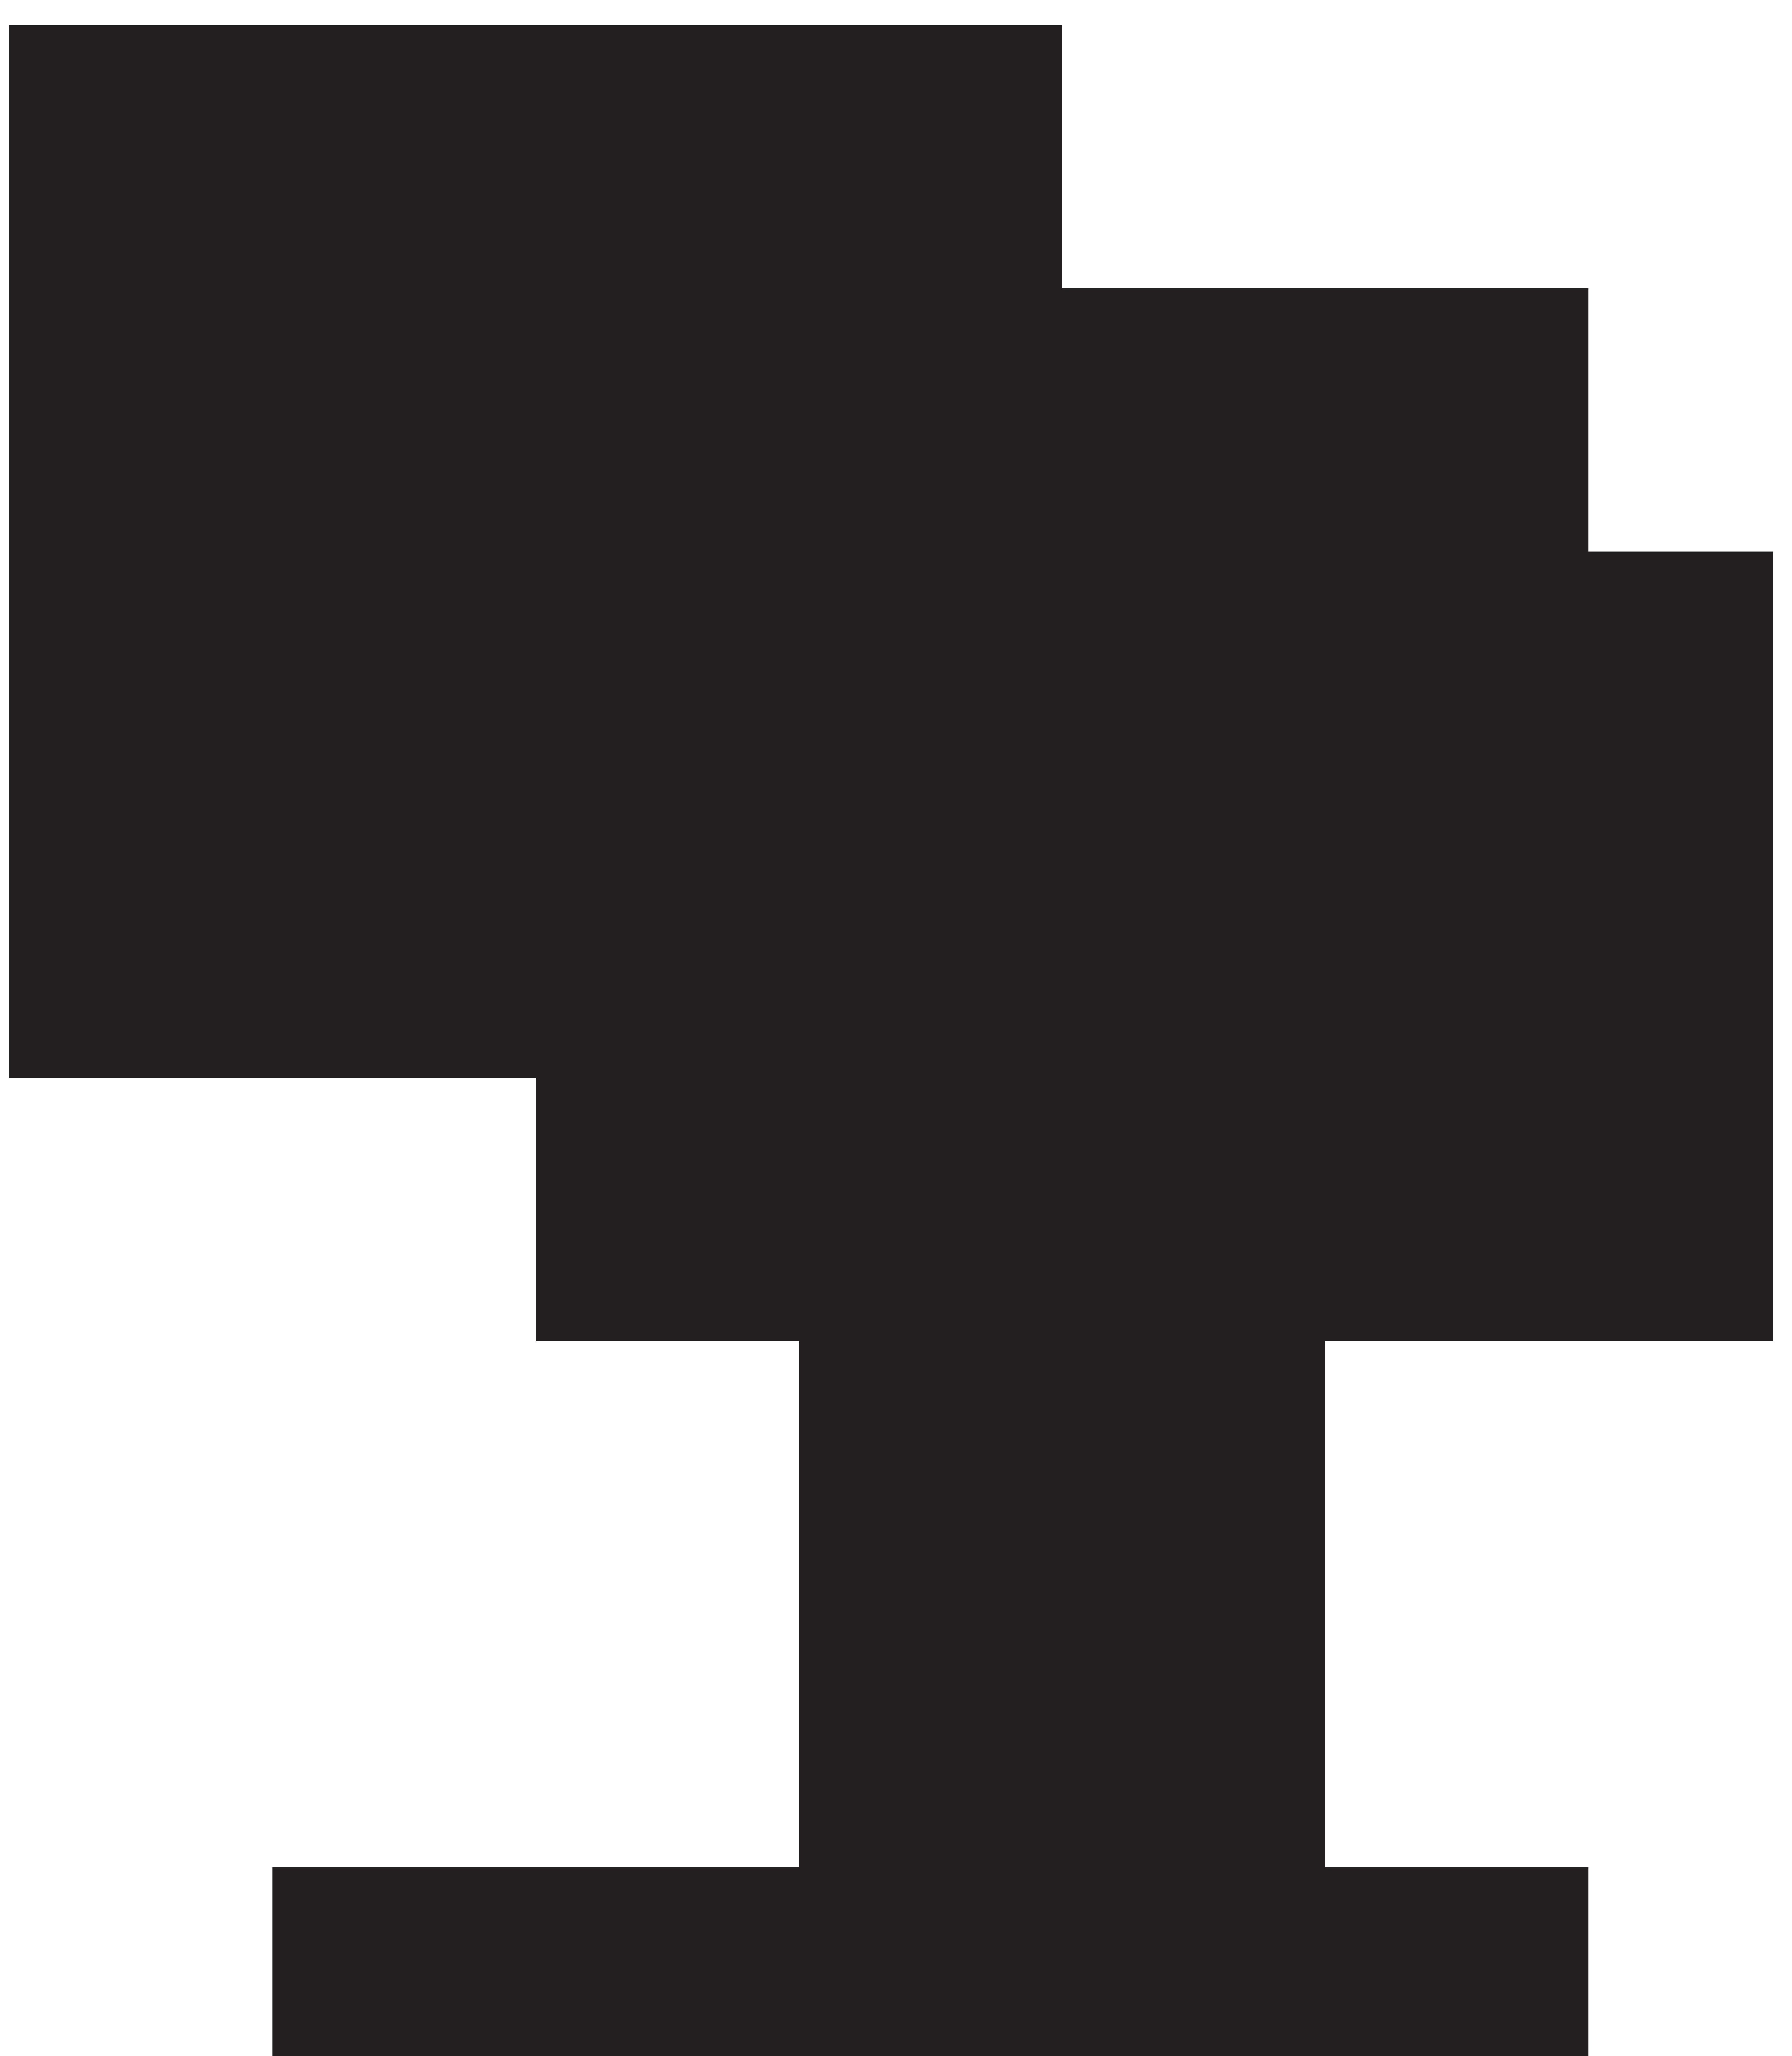 Palms transparent clip art. Watermelon clipart silhouette